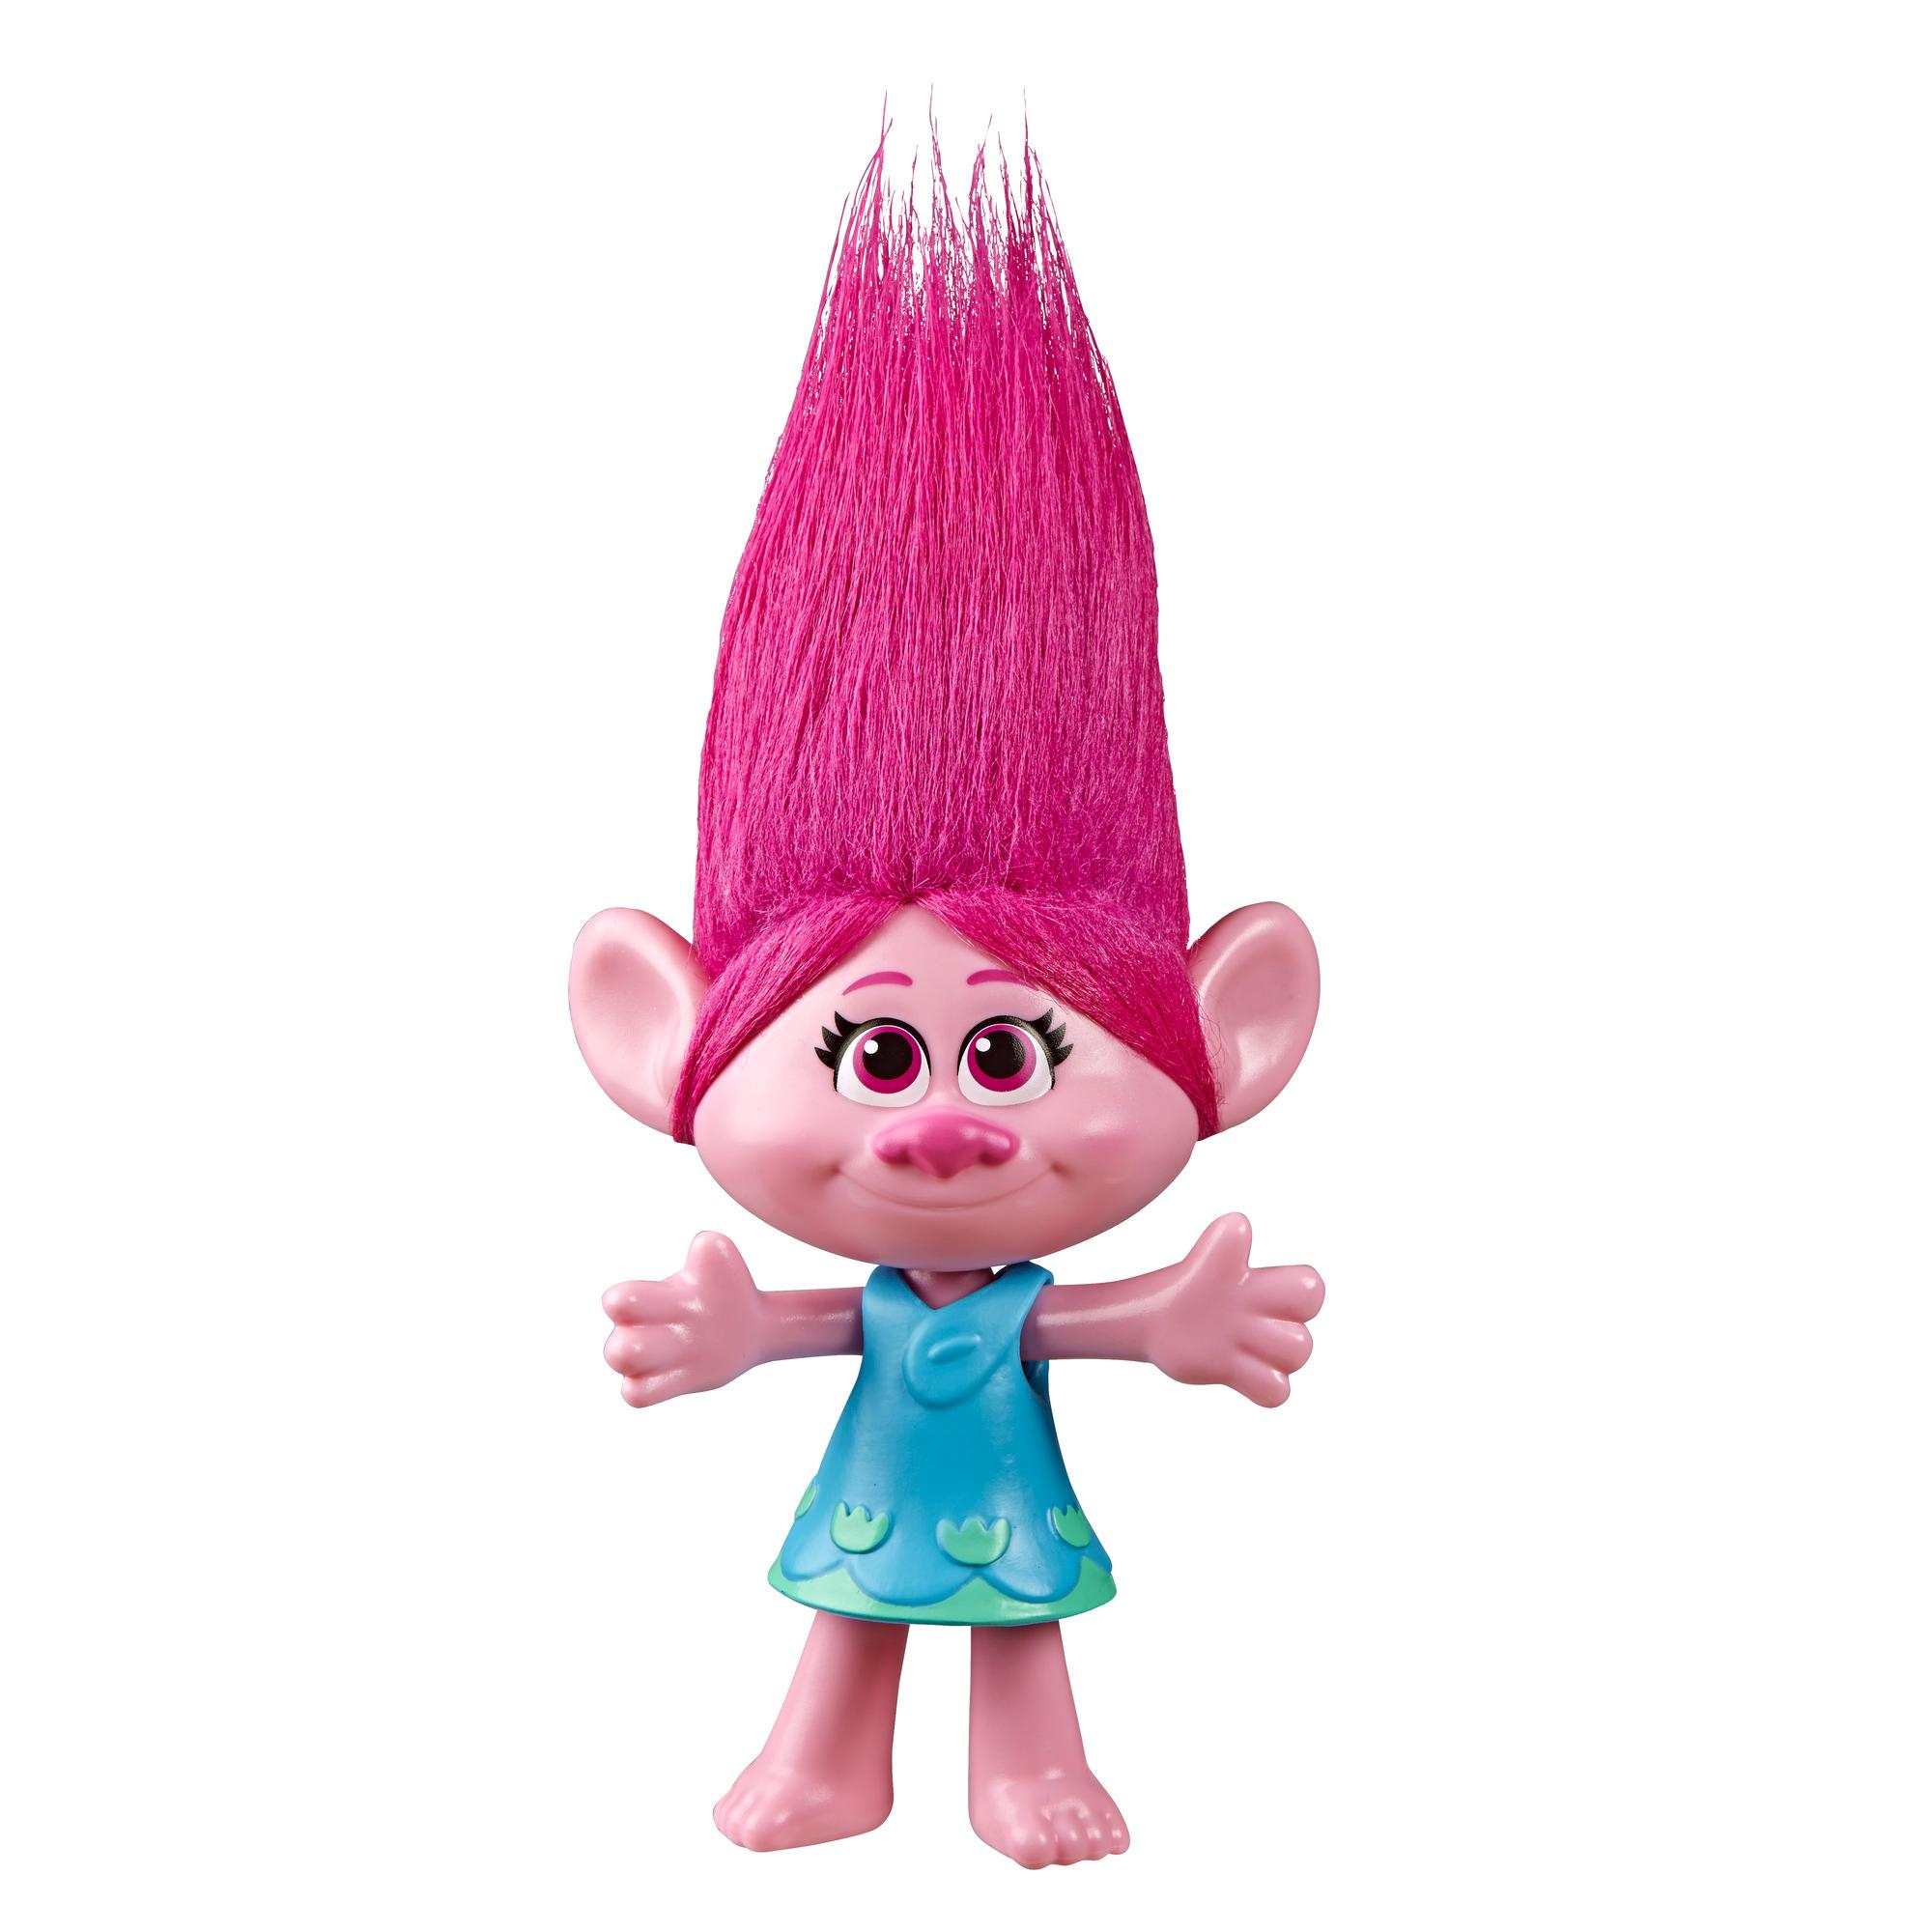 Les Trolls de DreamWorks - Poupée Poppy avec robe amovible, inspirée de Trolls World Tour, jouet pour enfants, à partir de 4 ans